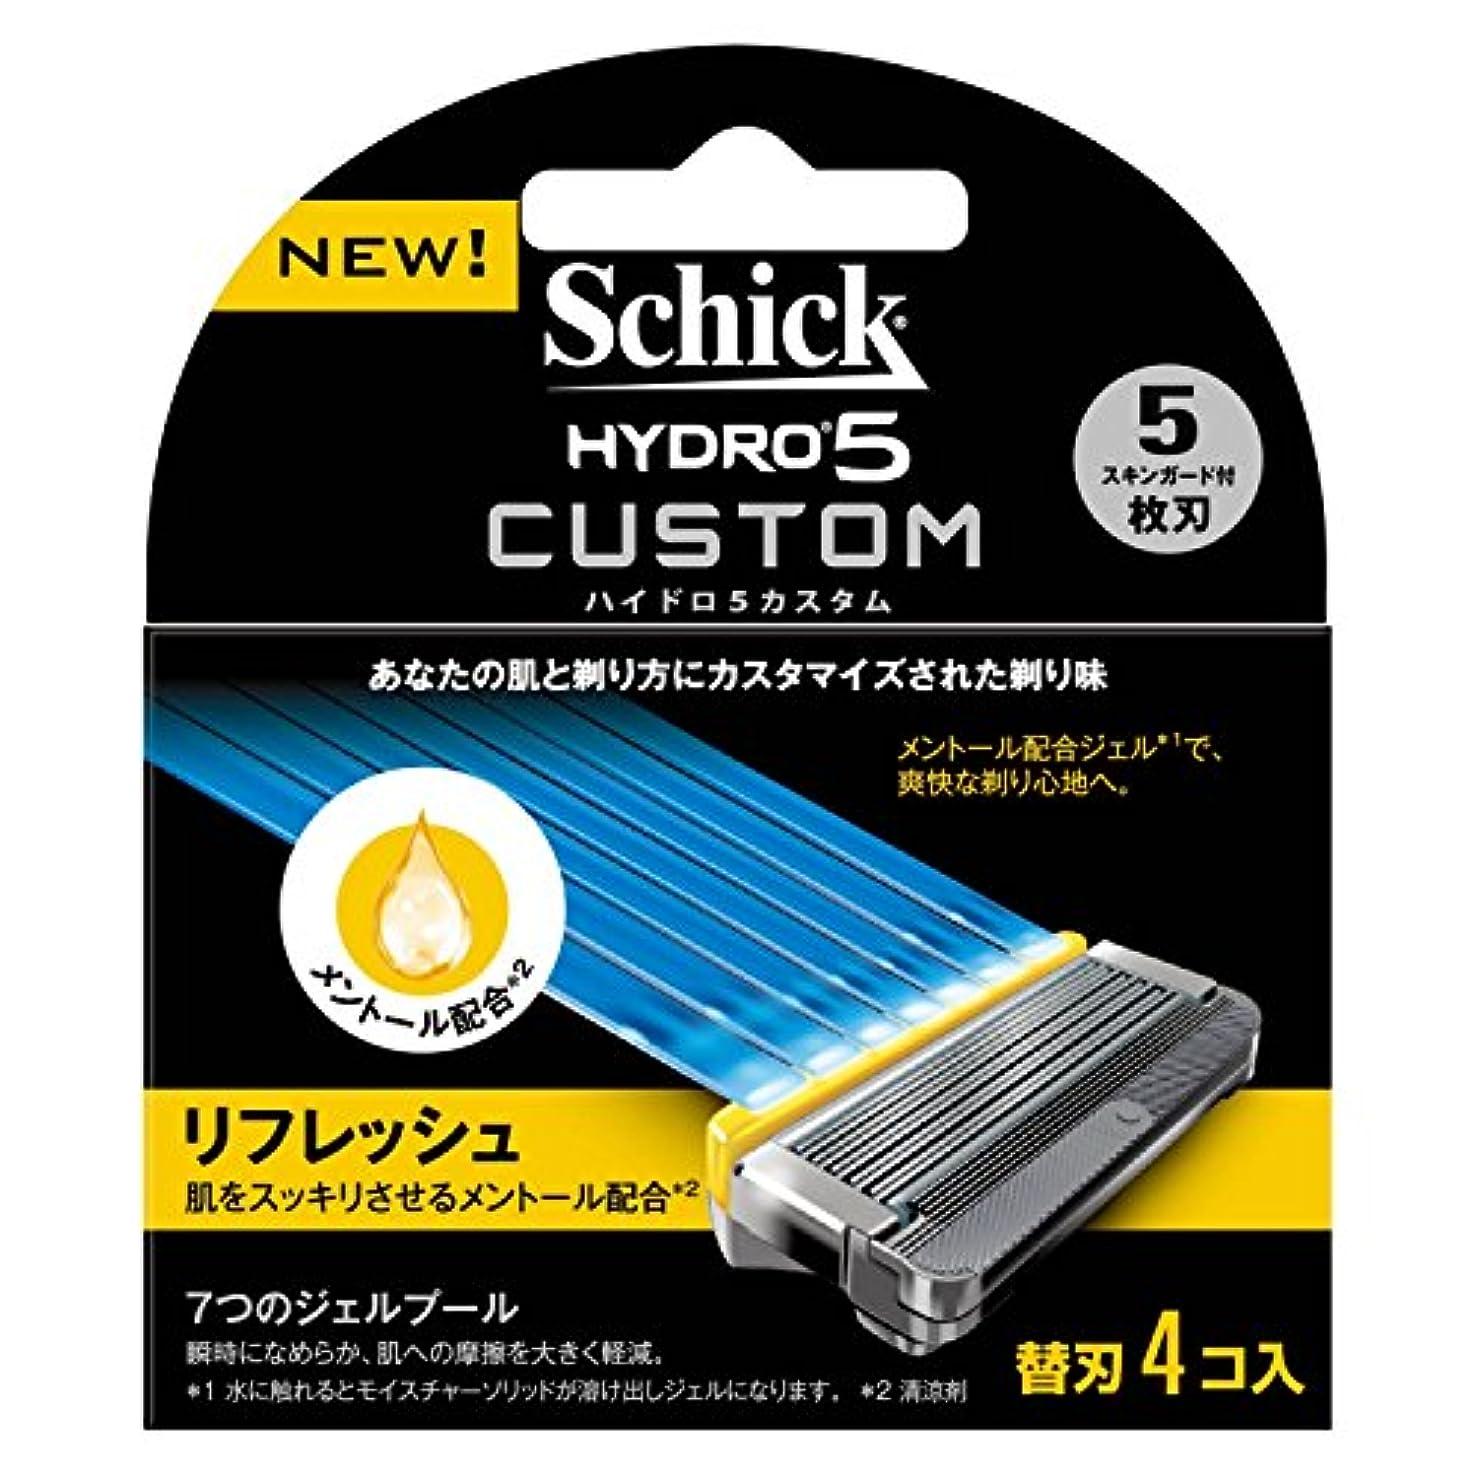 濃度グリット供給シック Schick 5枚刃 ハイドロ5 カスタム リフレッシュ 替刃 4コ入 男性 カミソリ